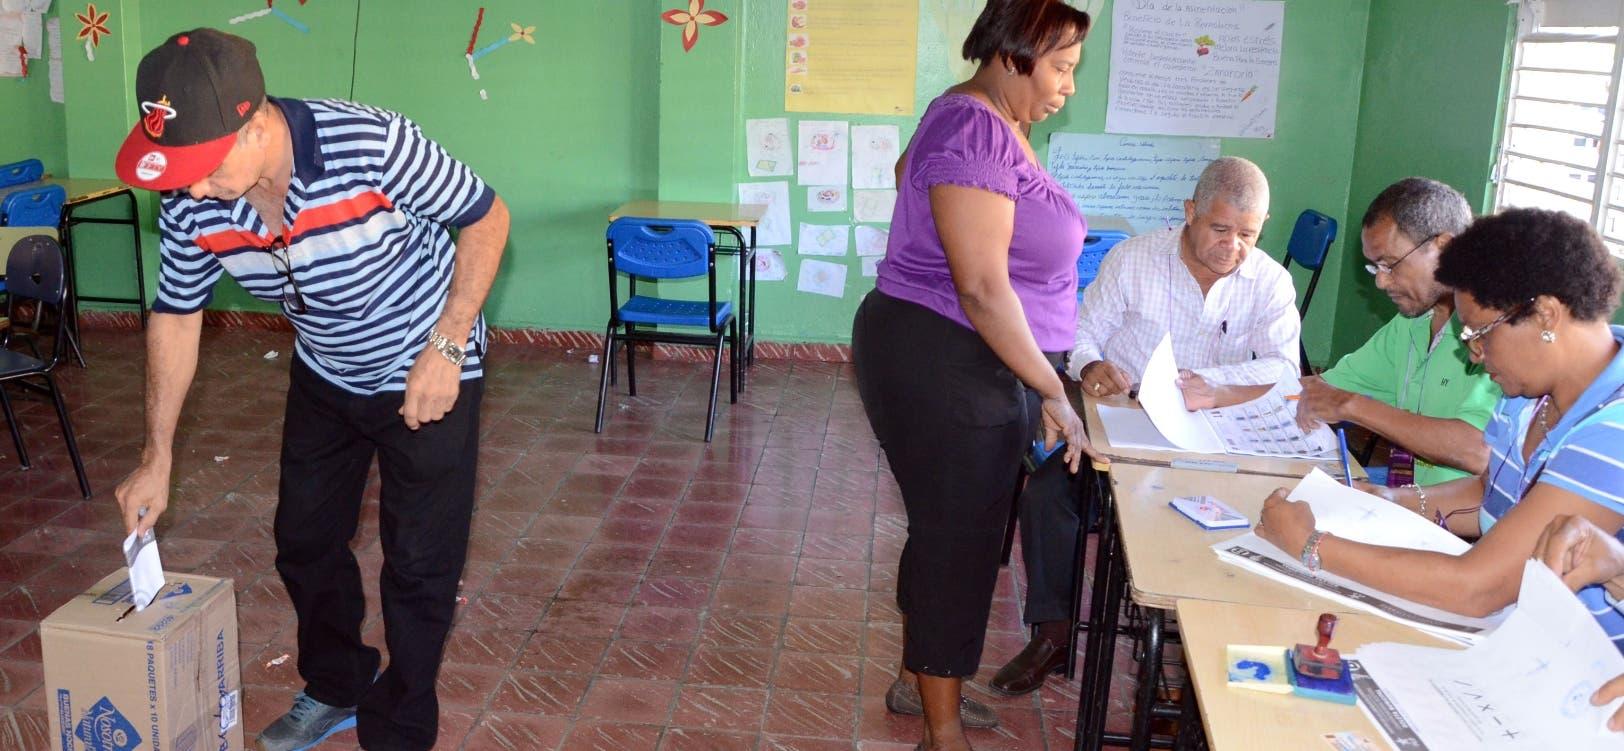 Proceso de votacion en la primaria del PLD,escena en la escuela República Dominicana/foto José de León